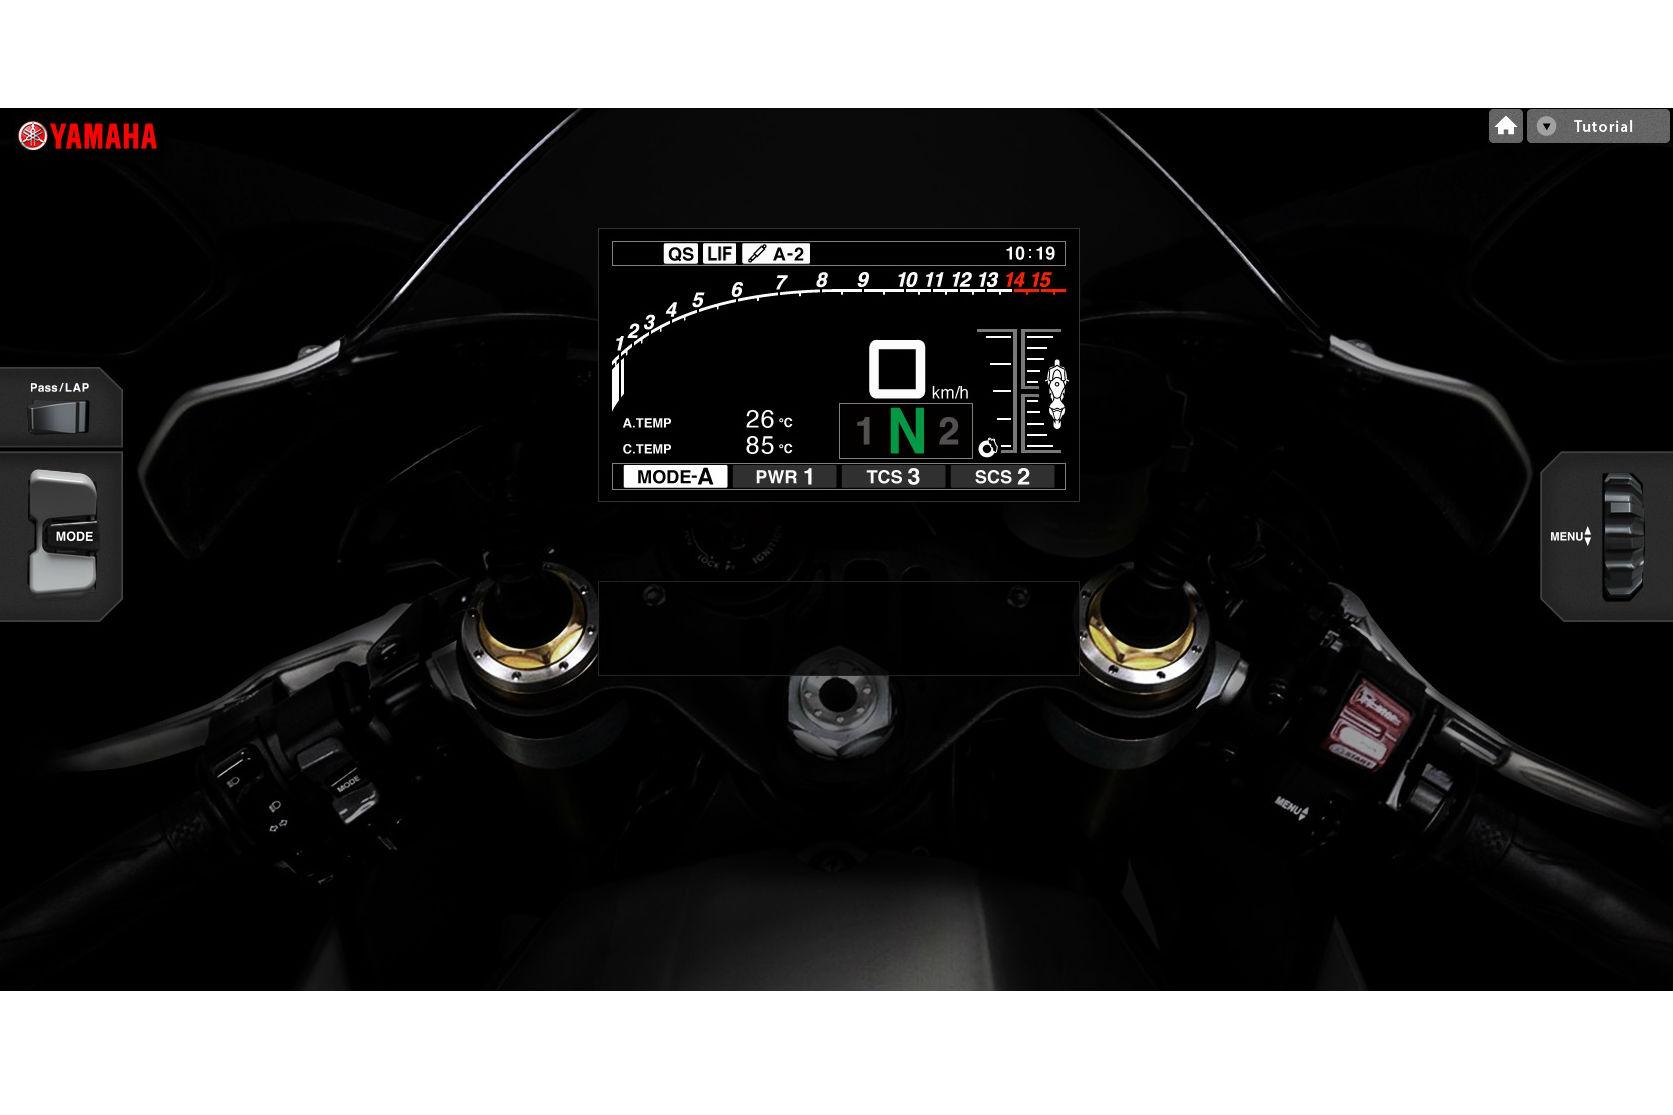 Yamaha's R1 dash simulation